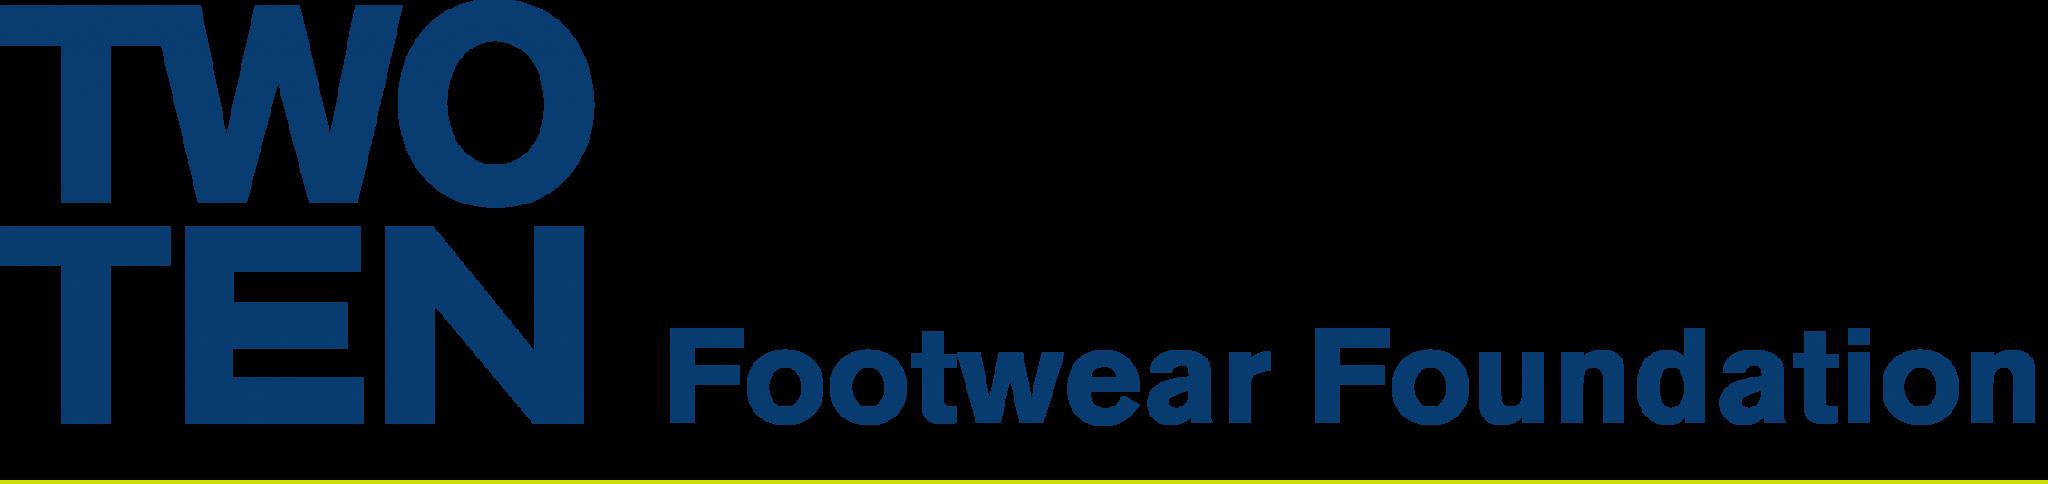 Two Ten Footwear Foundation Logo